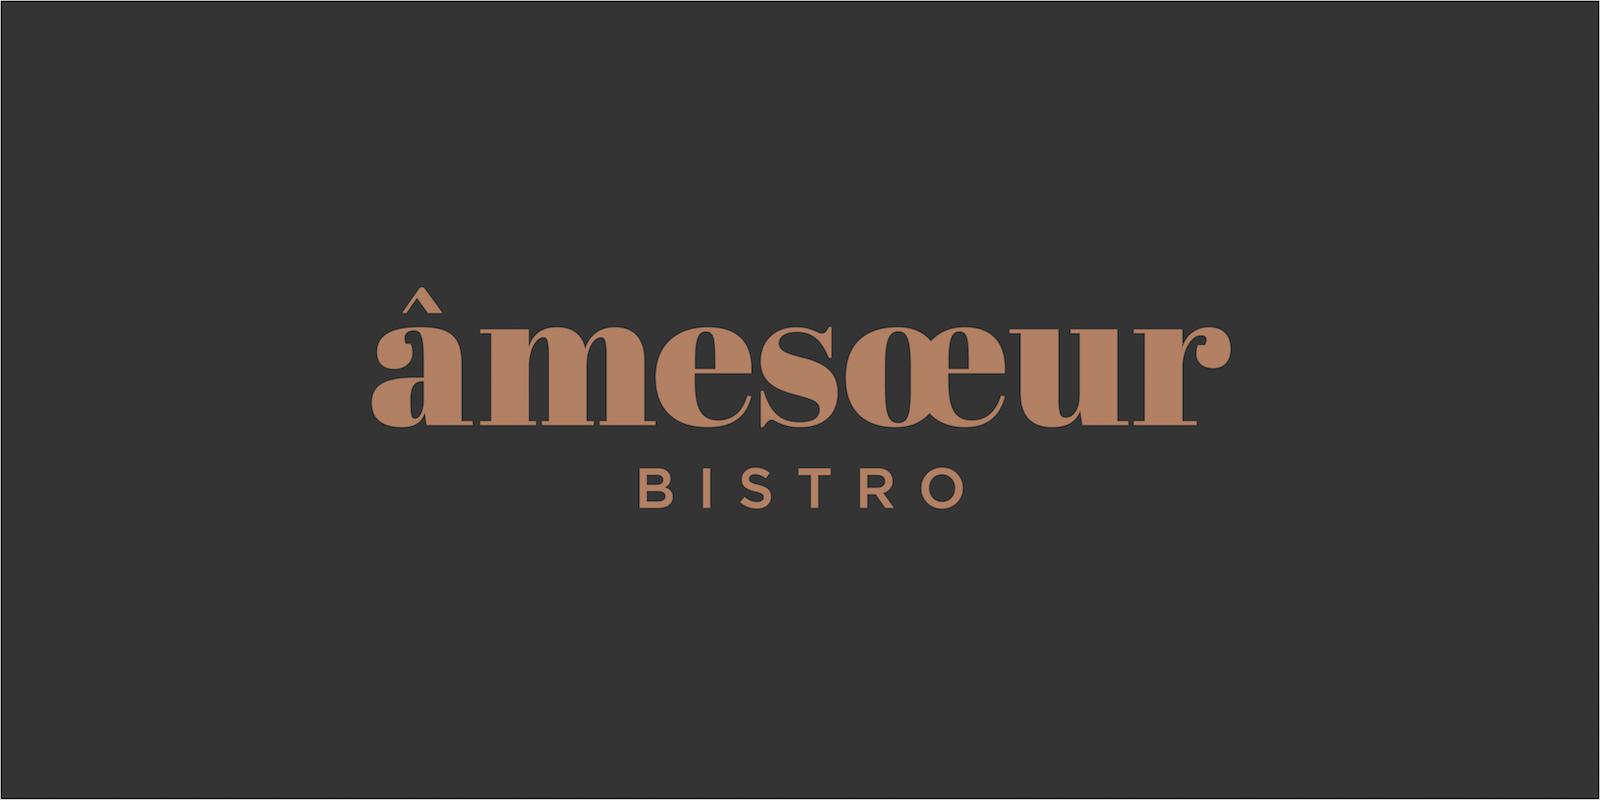 upscale bistro logo design